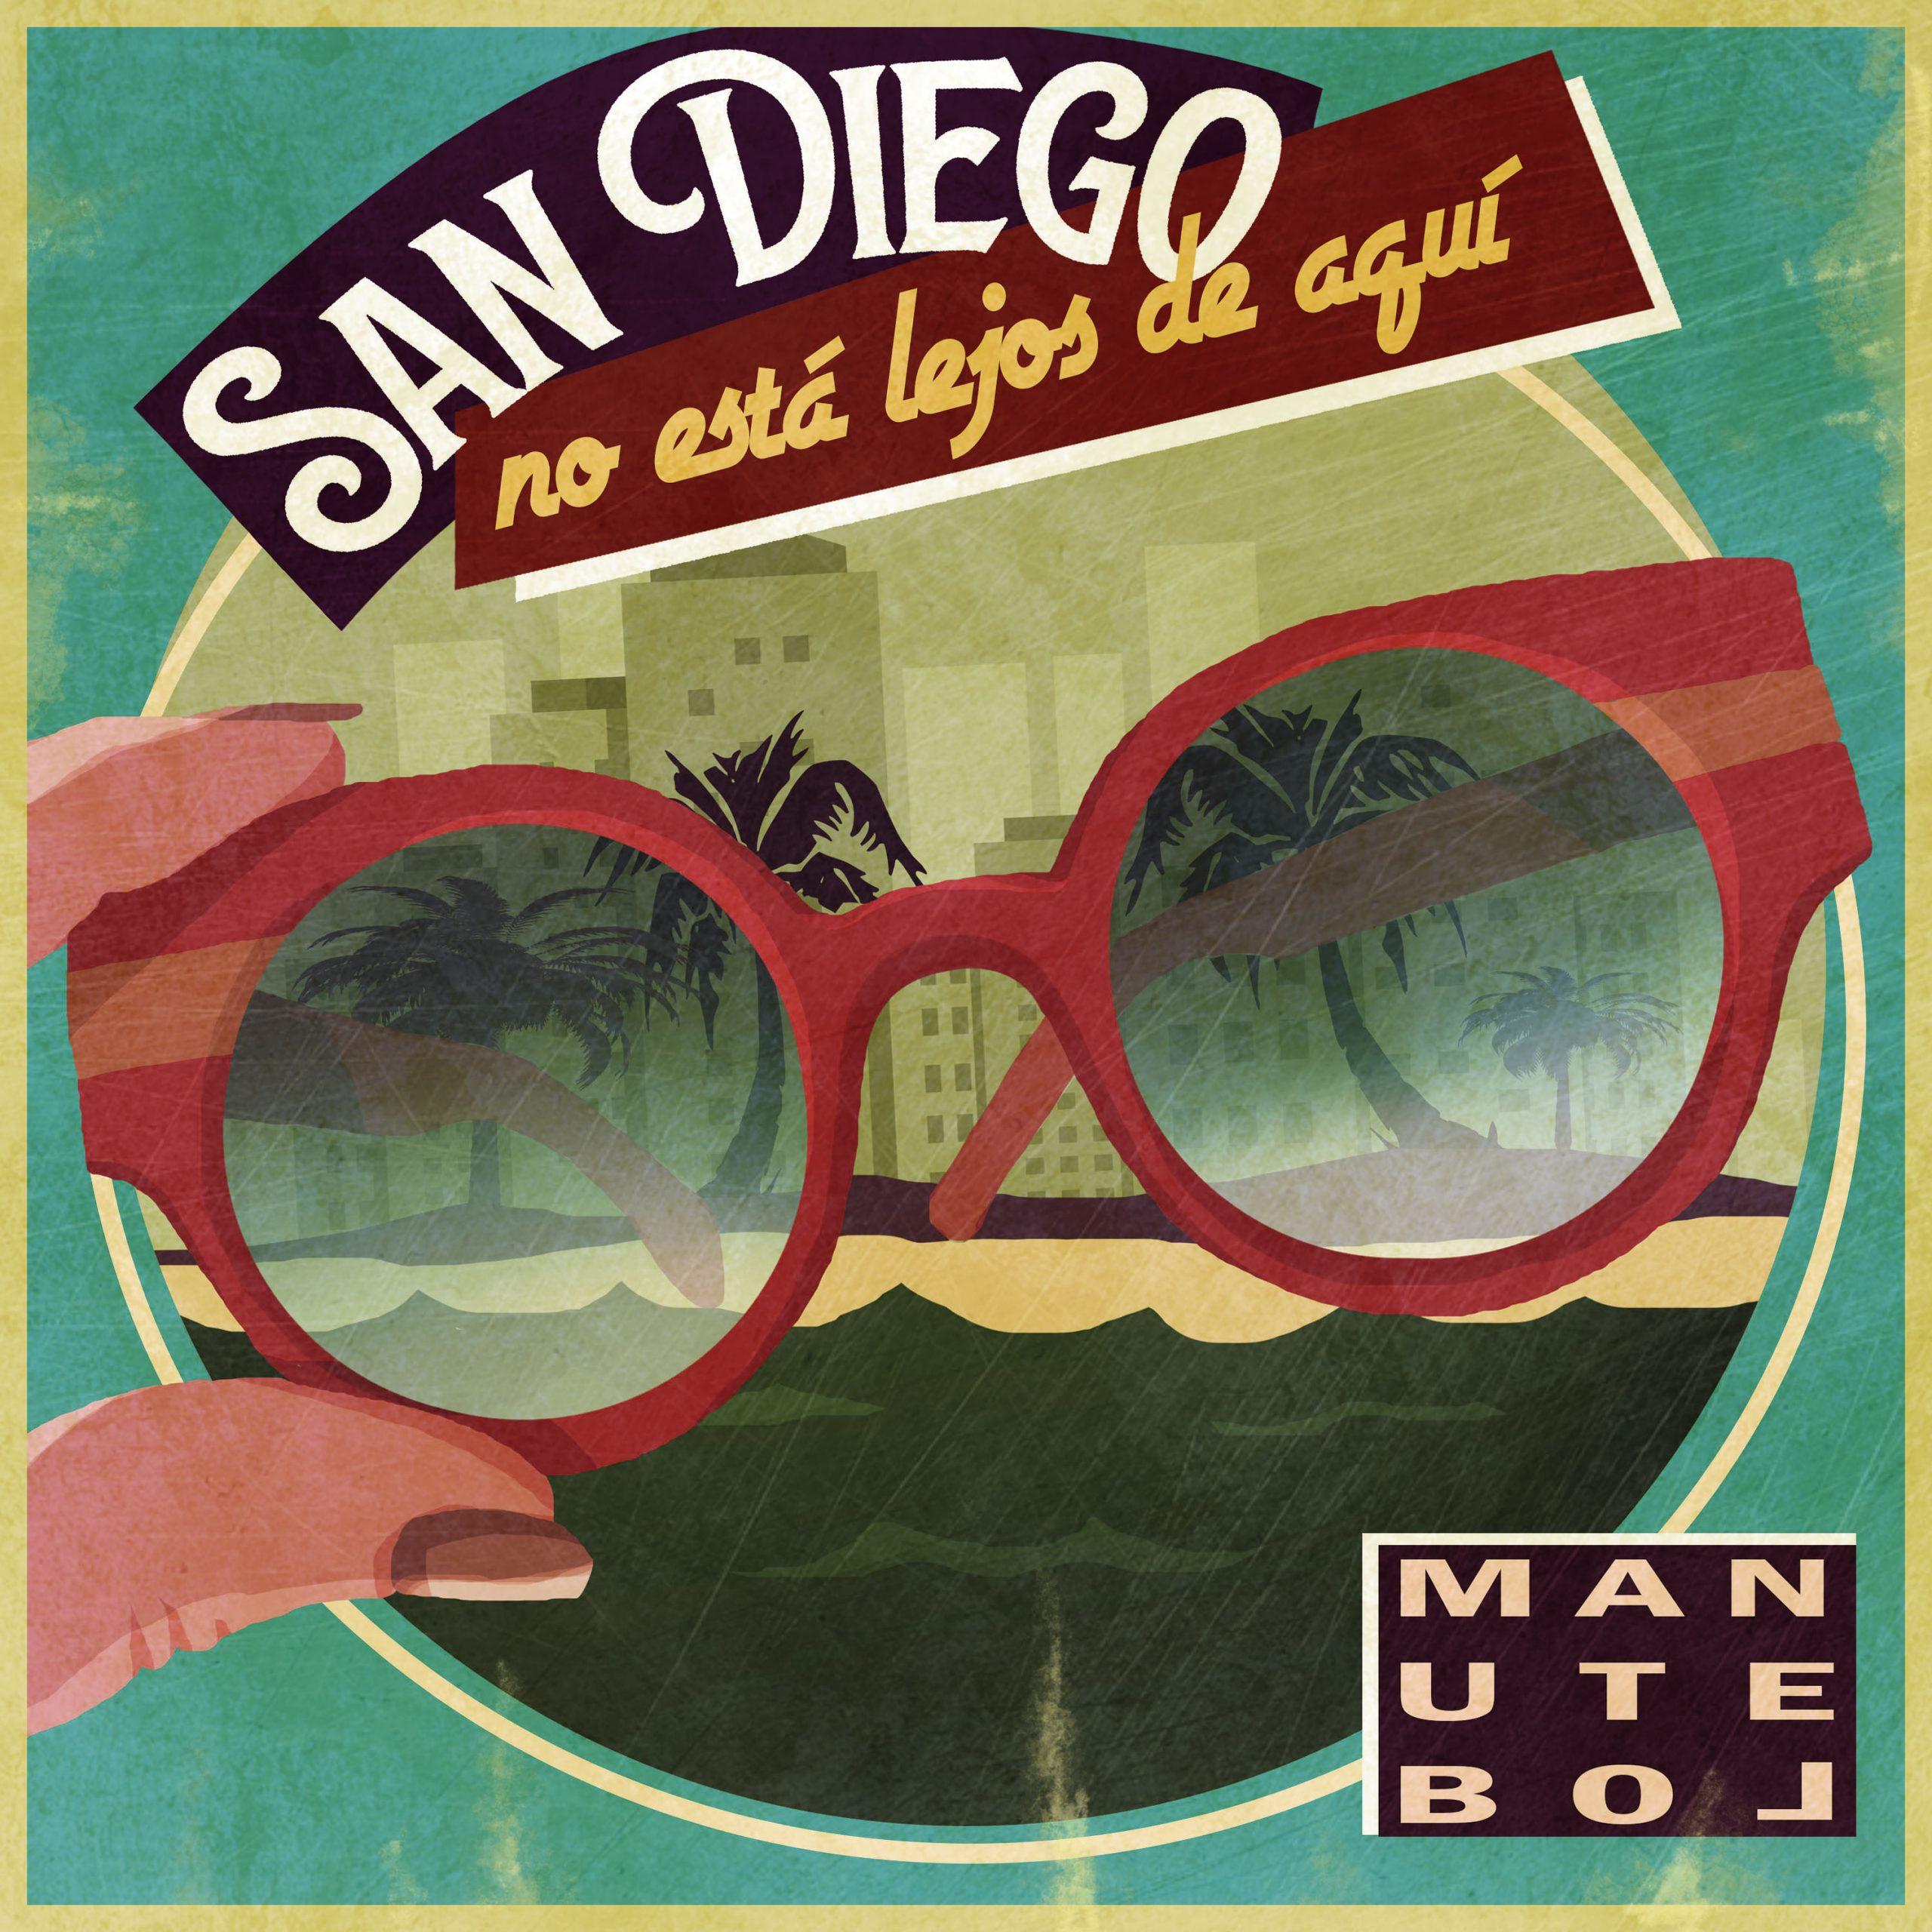 ManuteBol - San Diego no está lejos de aquí (Single)